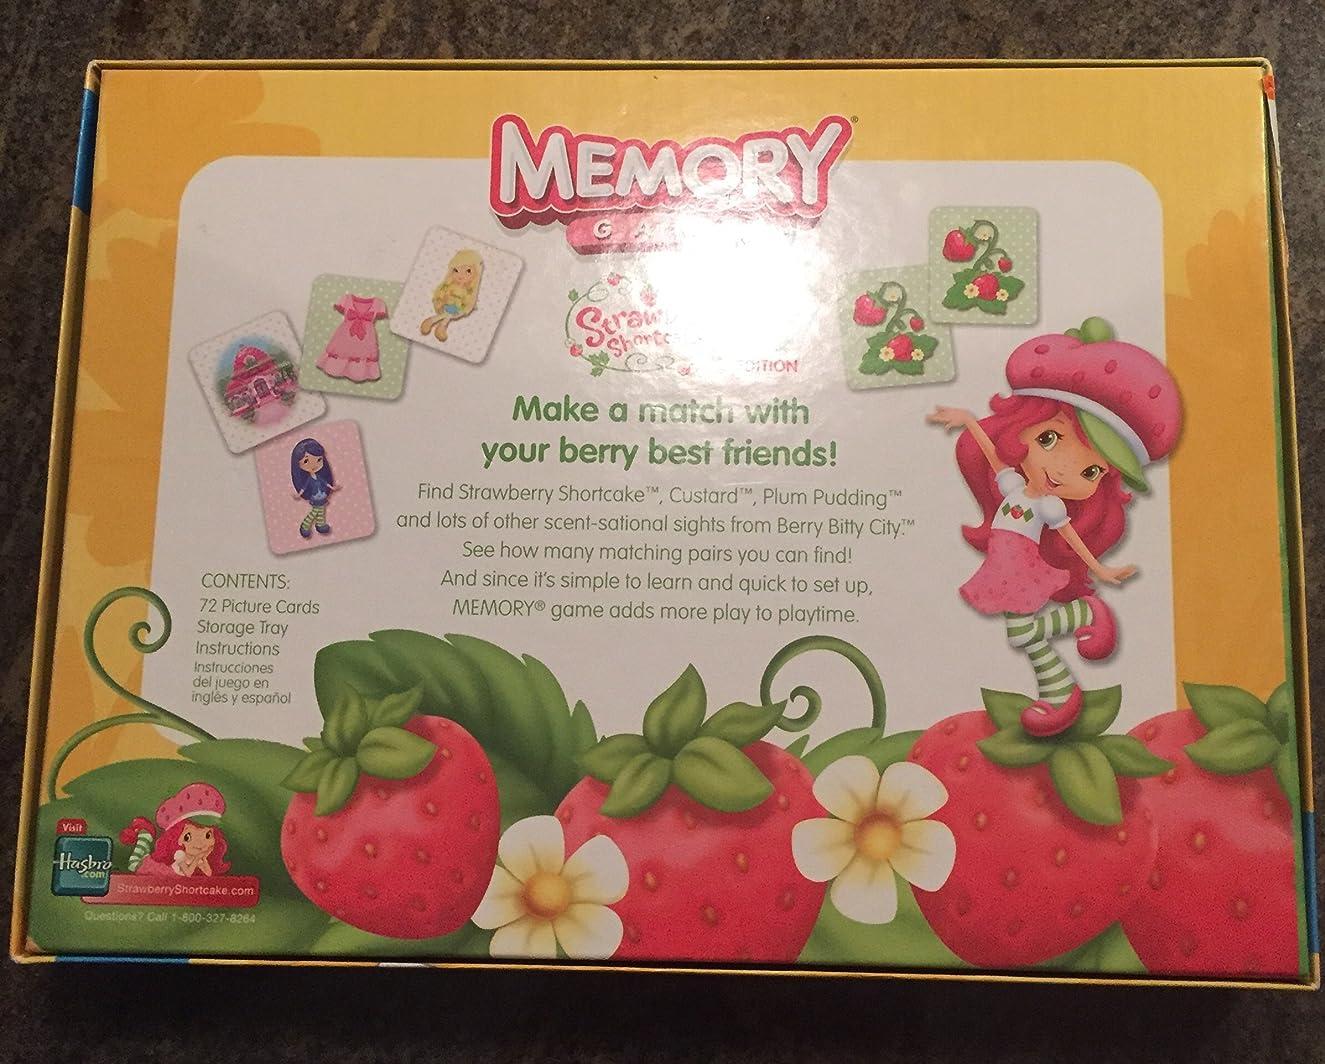 トチの実の木旅ただやるMemory Game - Strawberry Shortcake